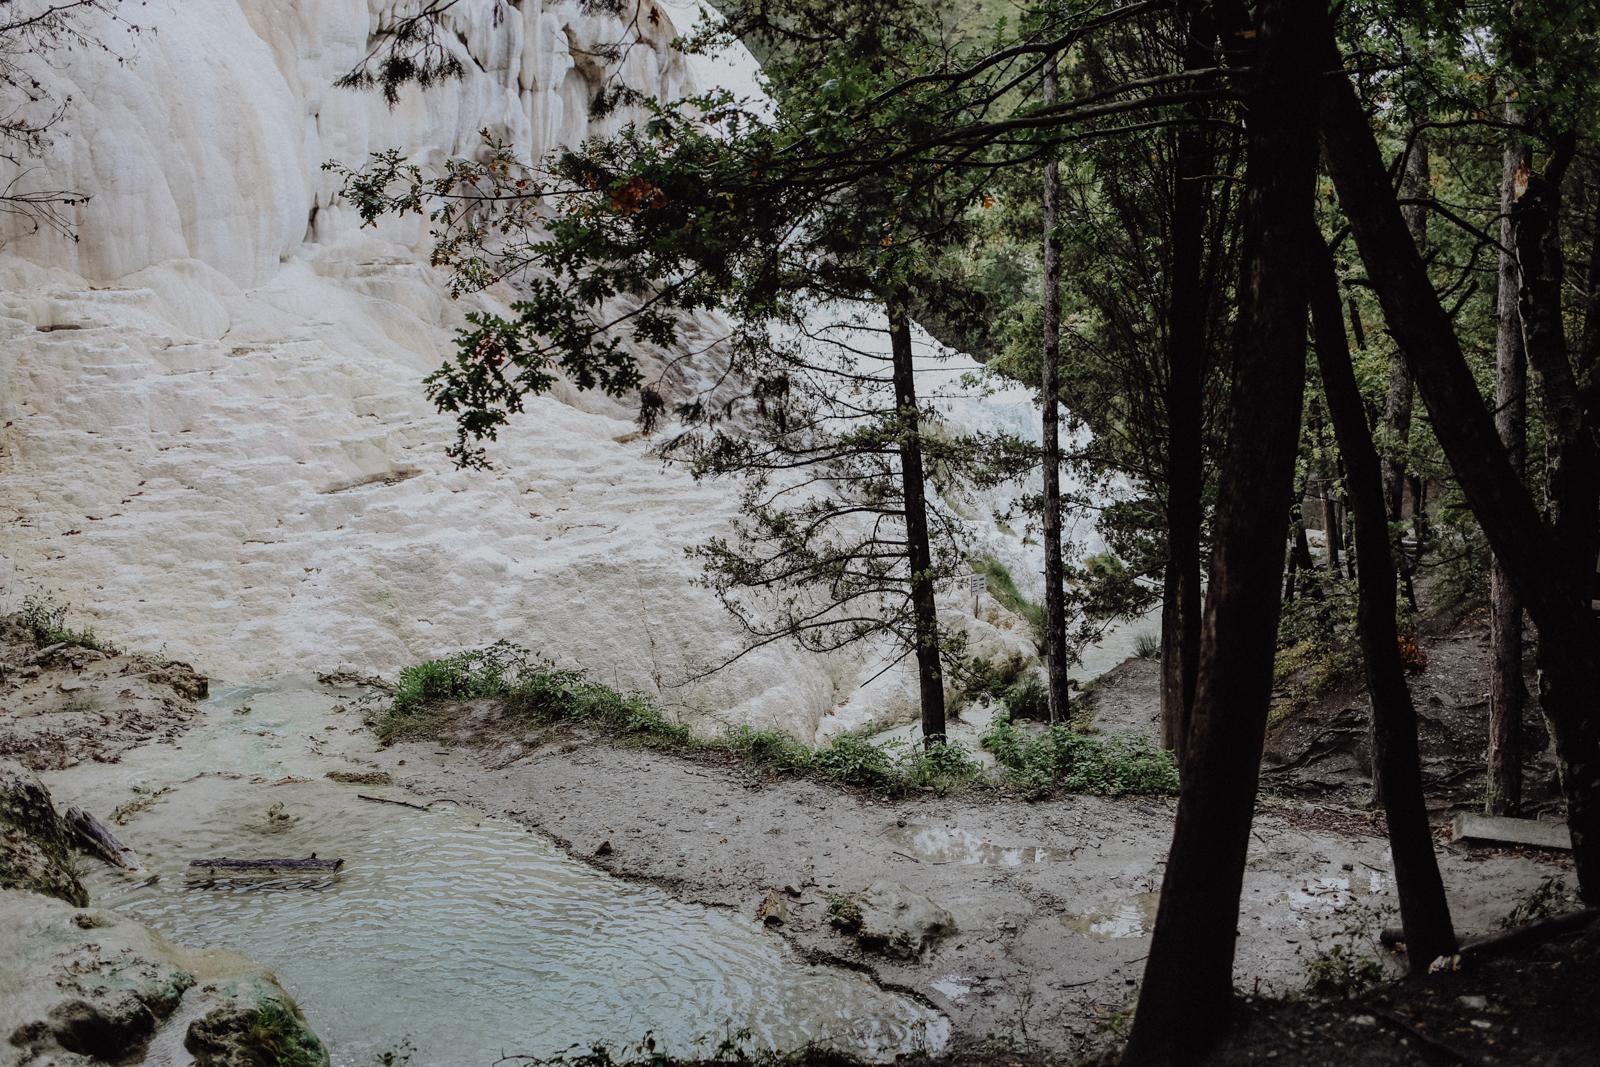 Bagni di San Filippo: Alle Infos für den Ausflug zu den heißen Quellen in der Toskana